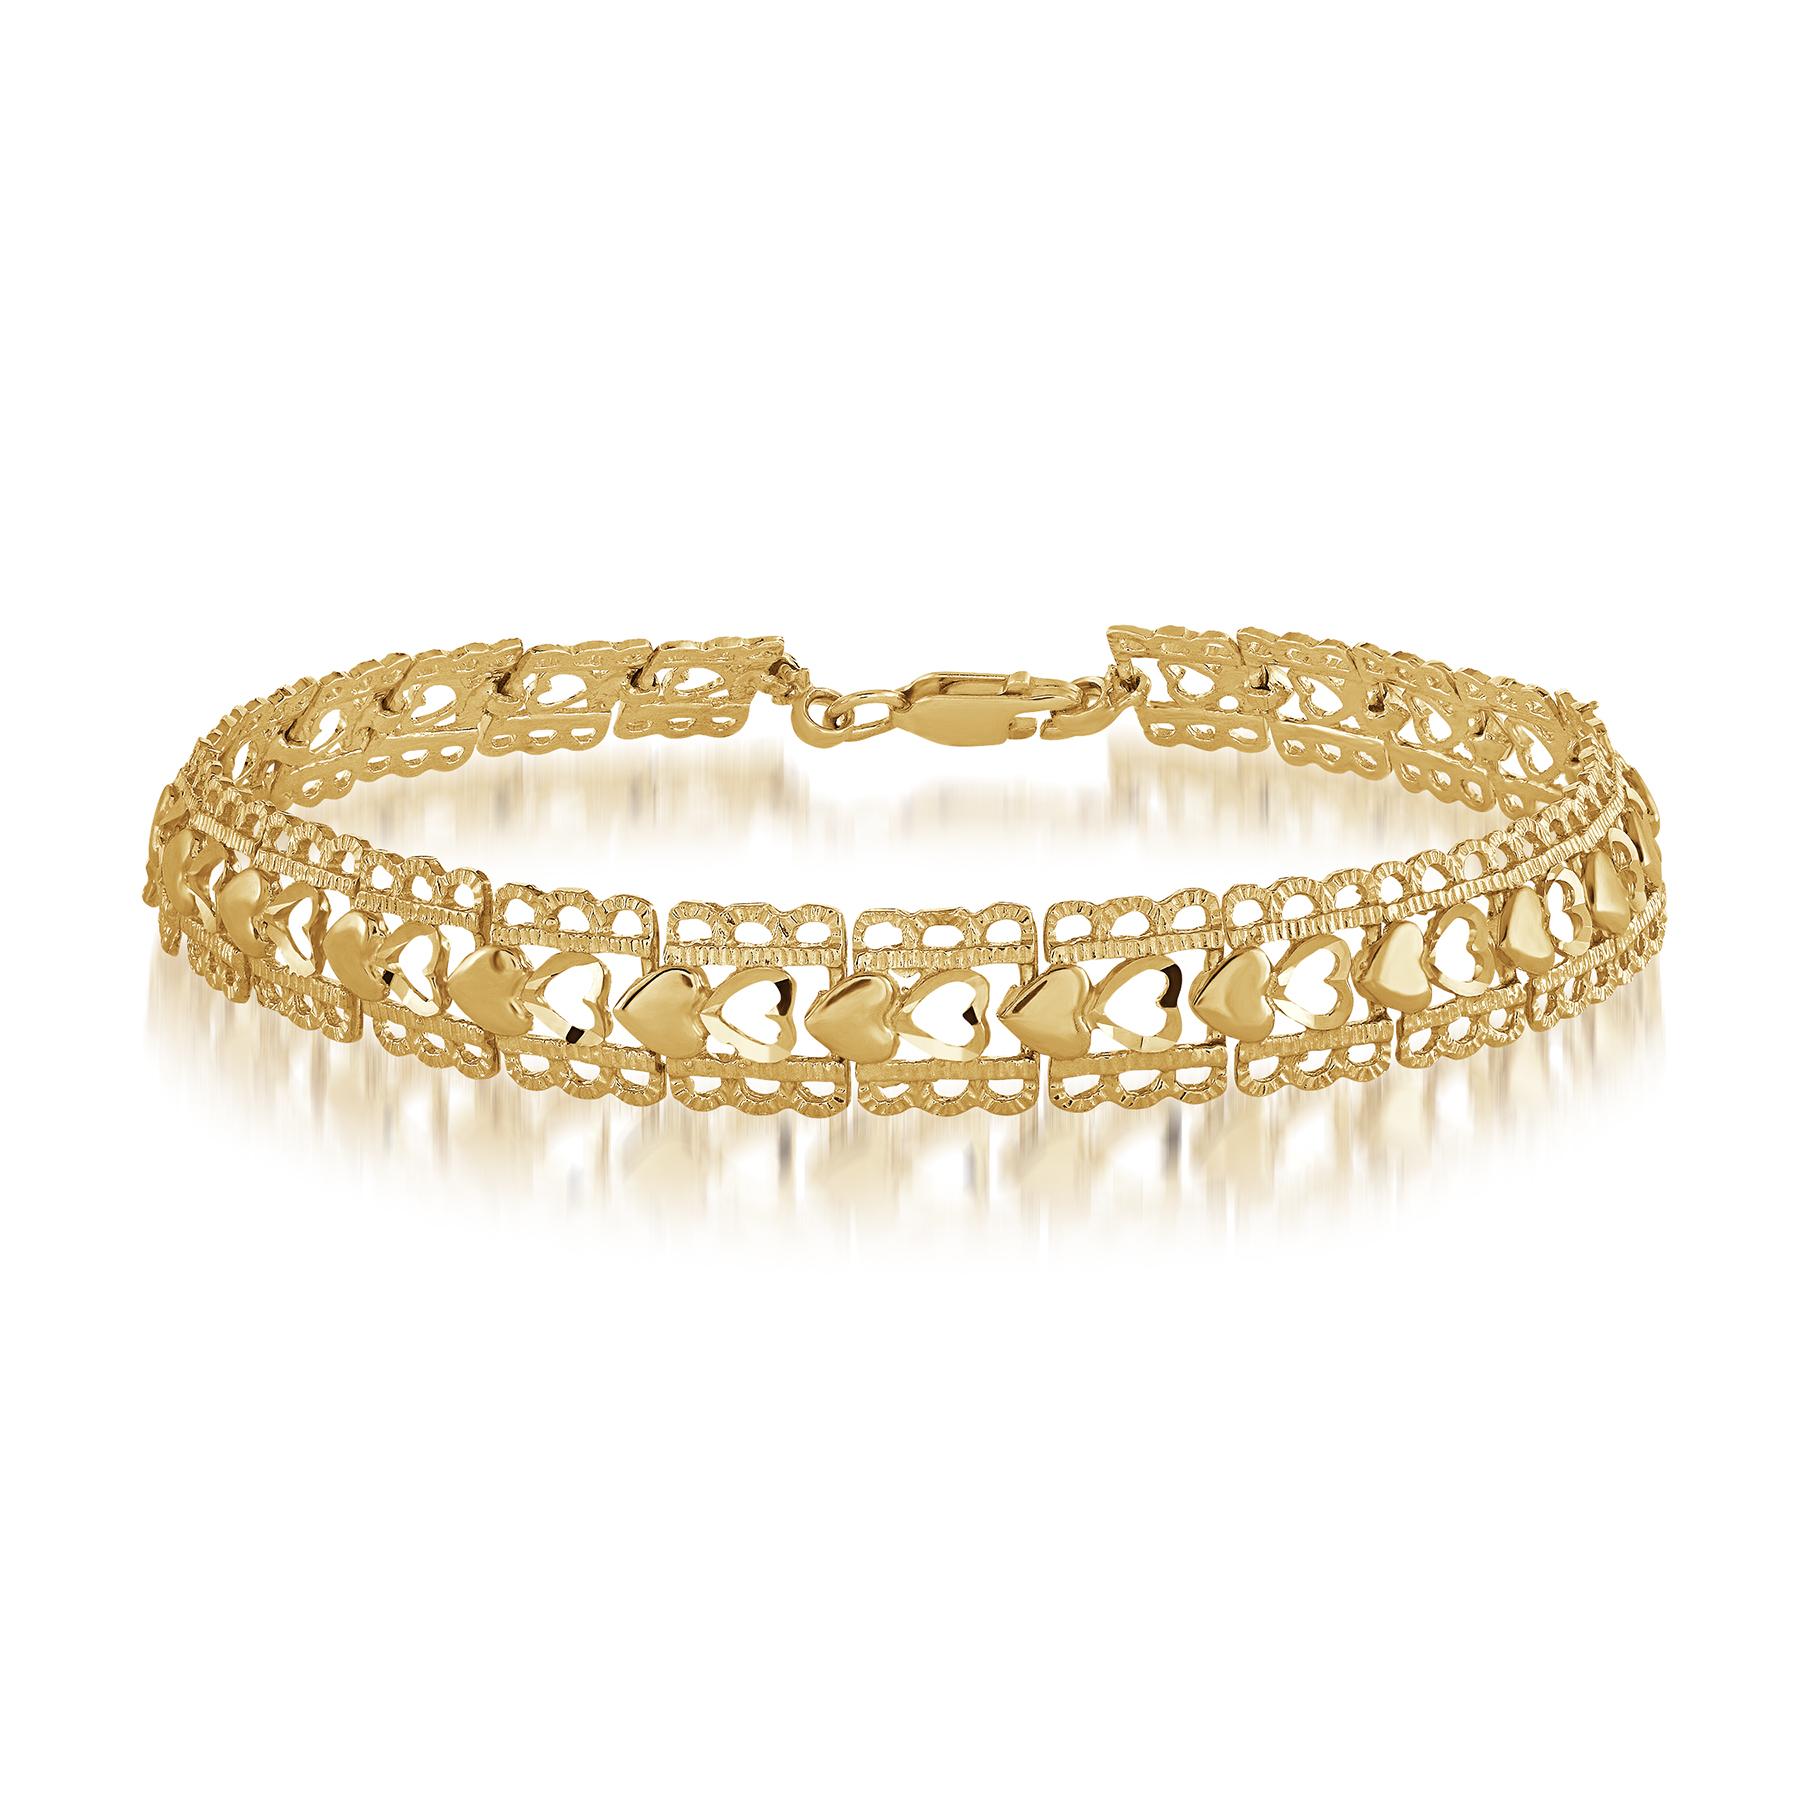 Bracelet coeur pour femme - Or jaune 10K